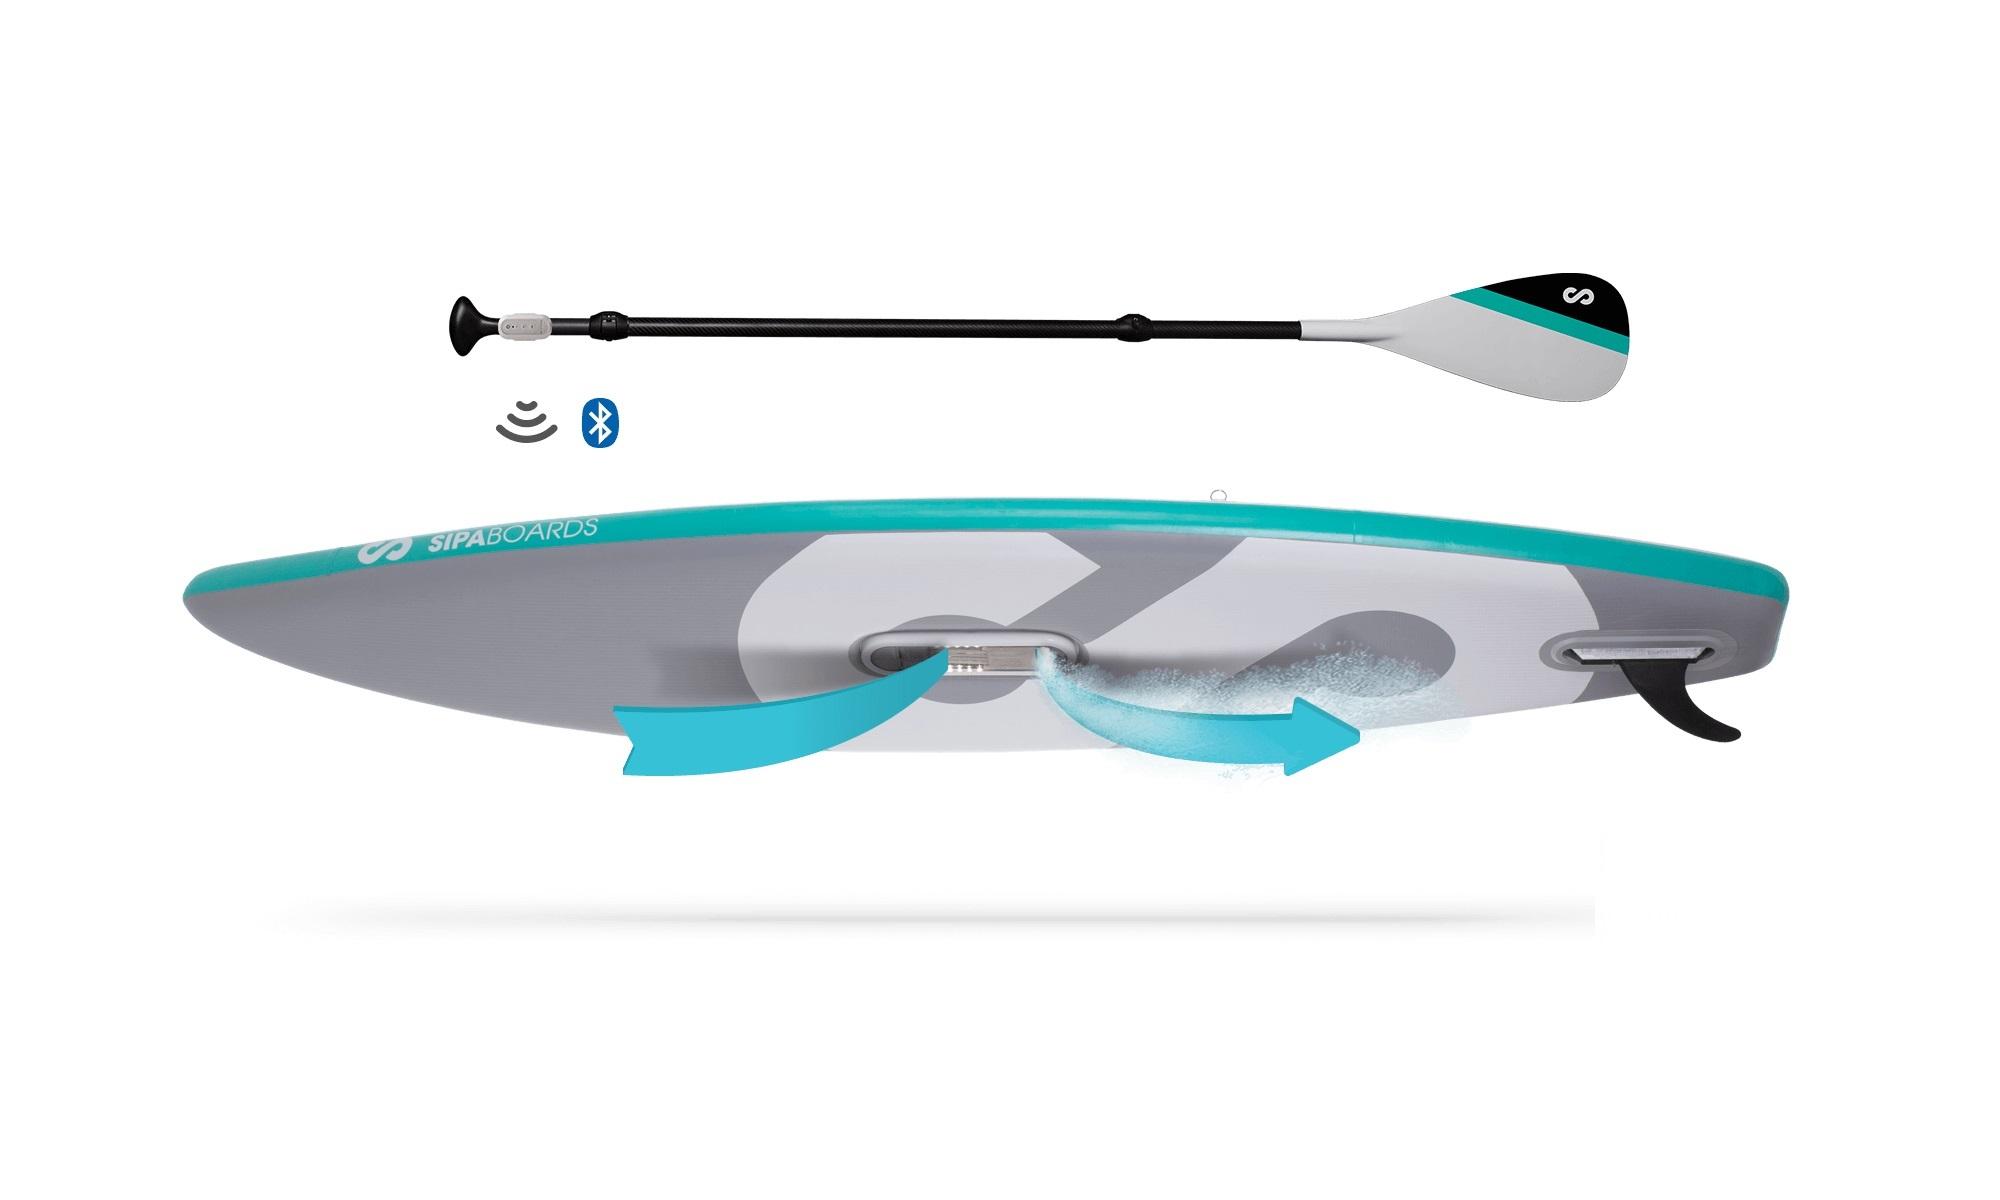 sipaboards-jet